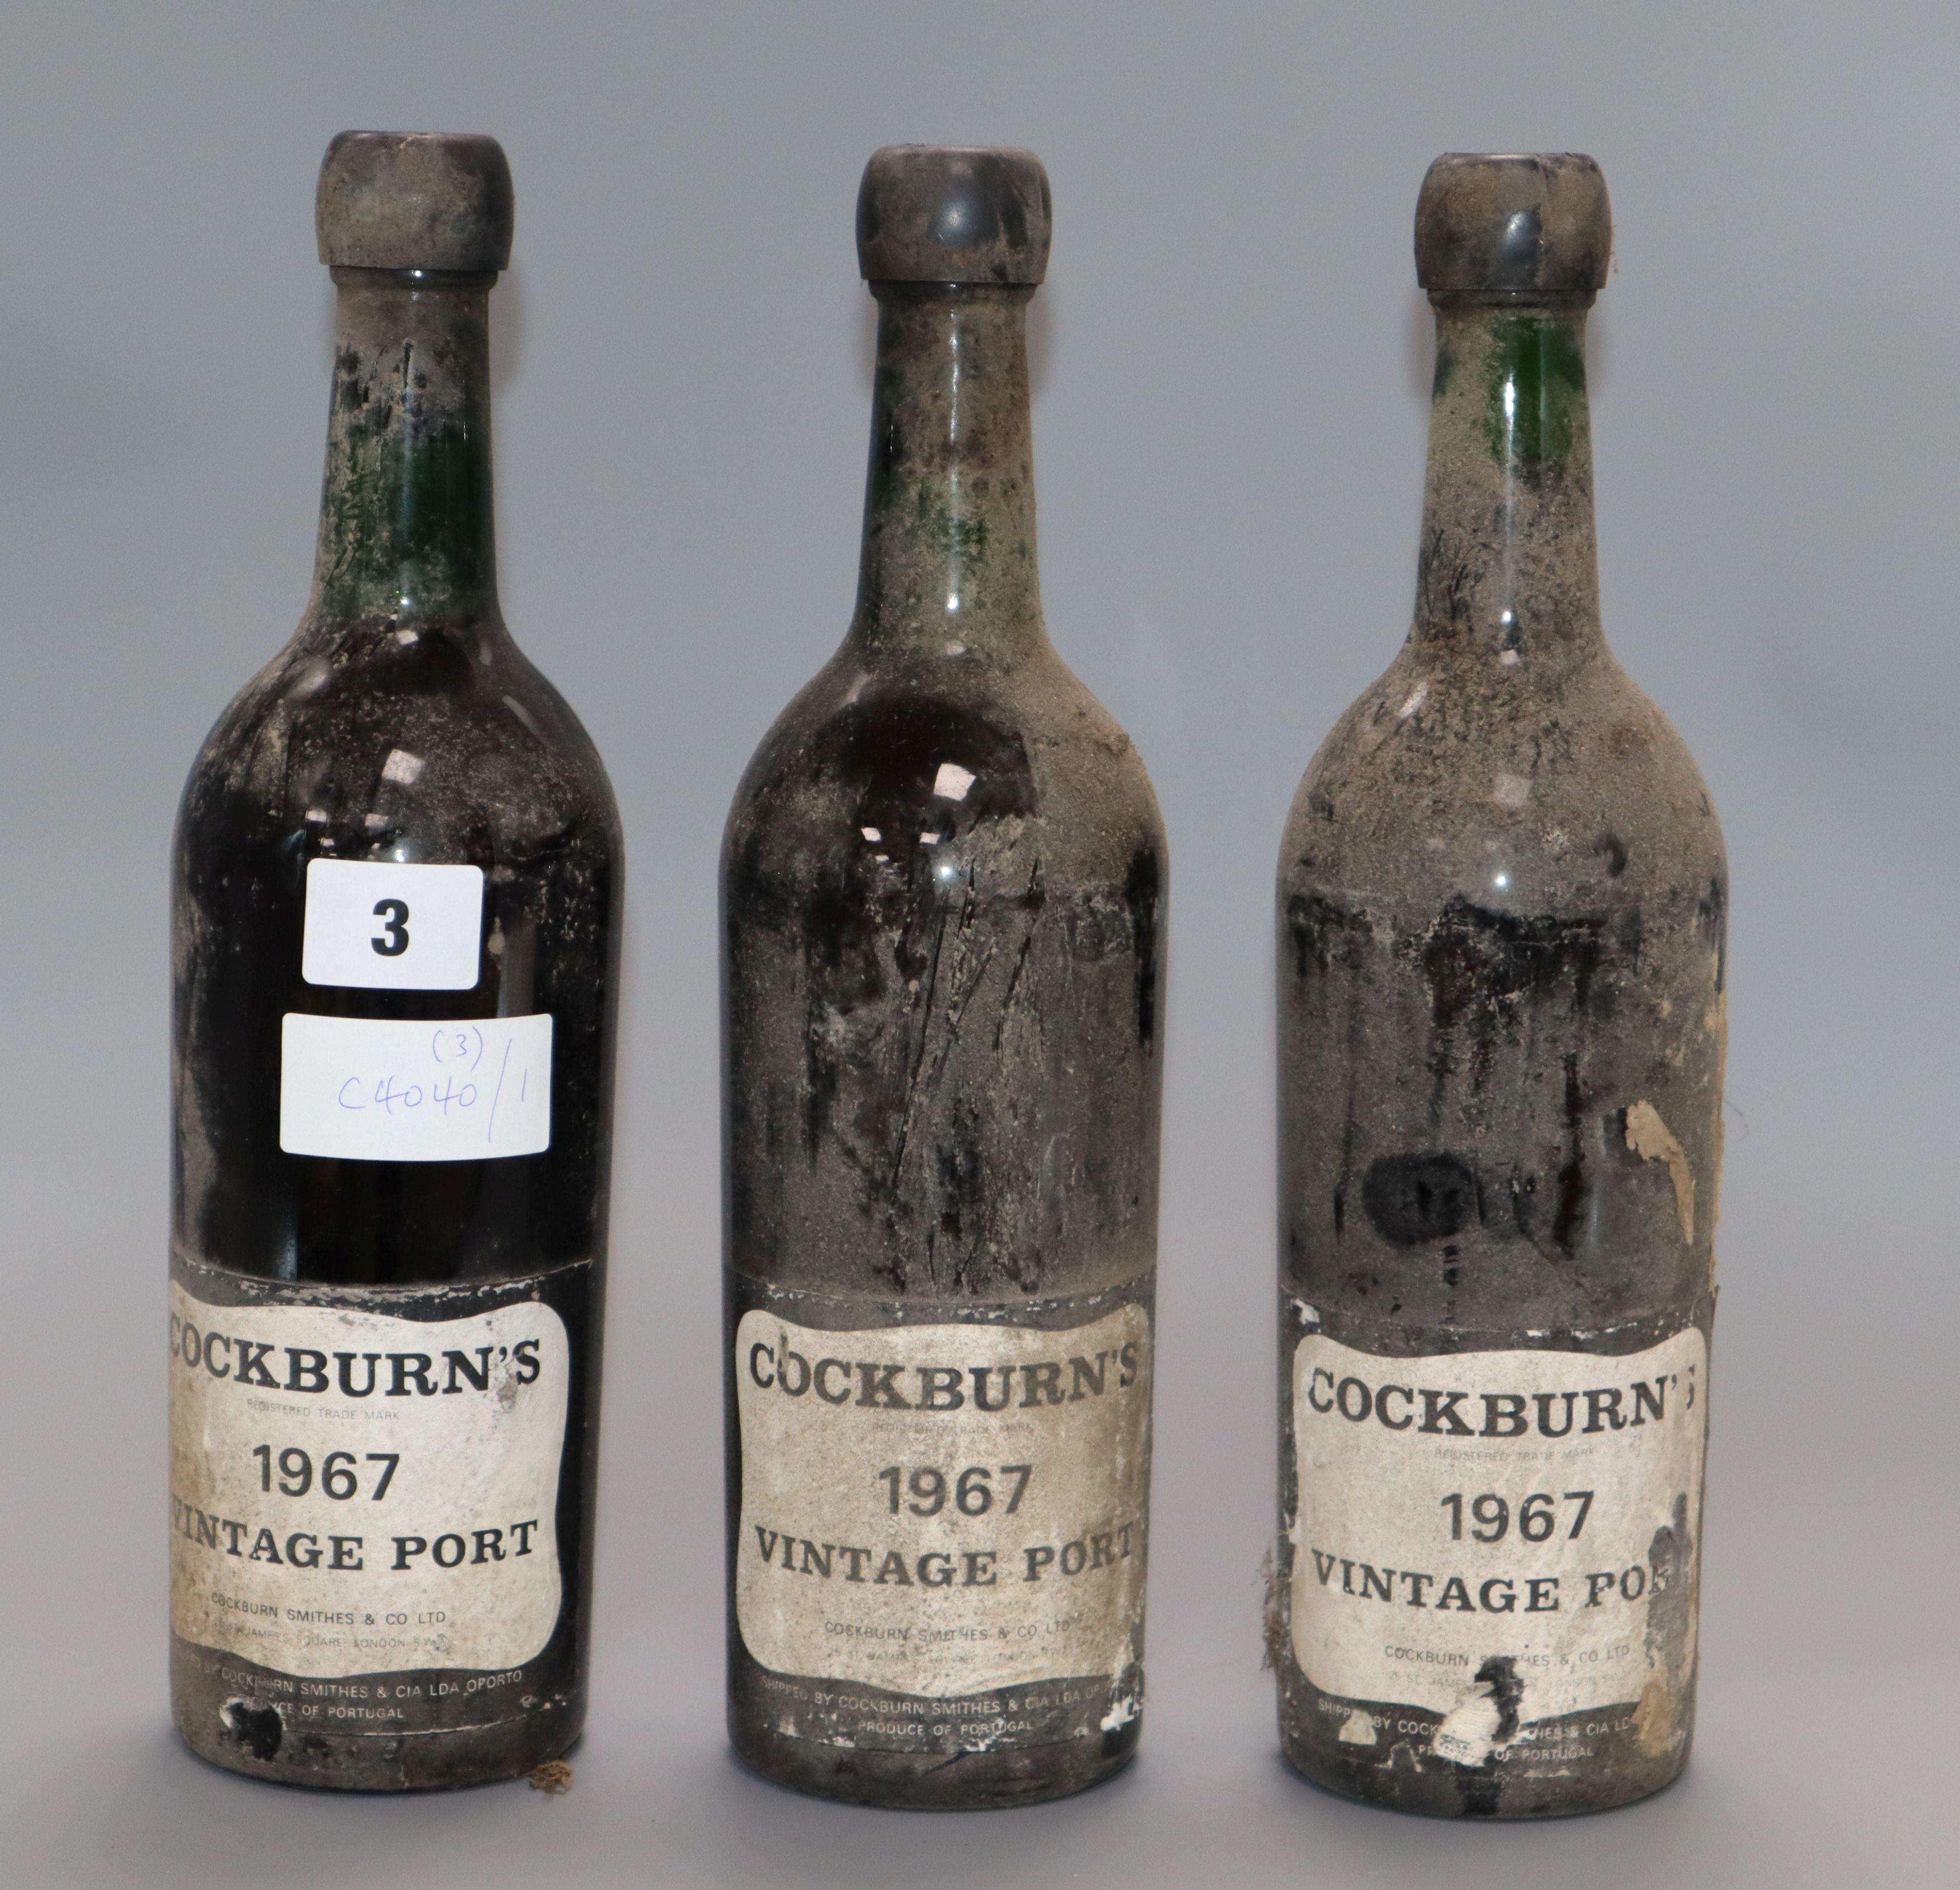 Lot 3 - Three bottles of Cockburns vintage port 1967